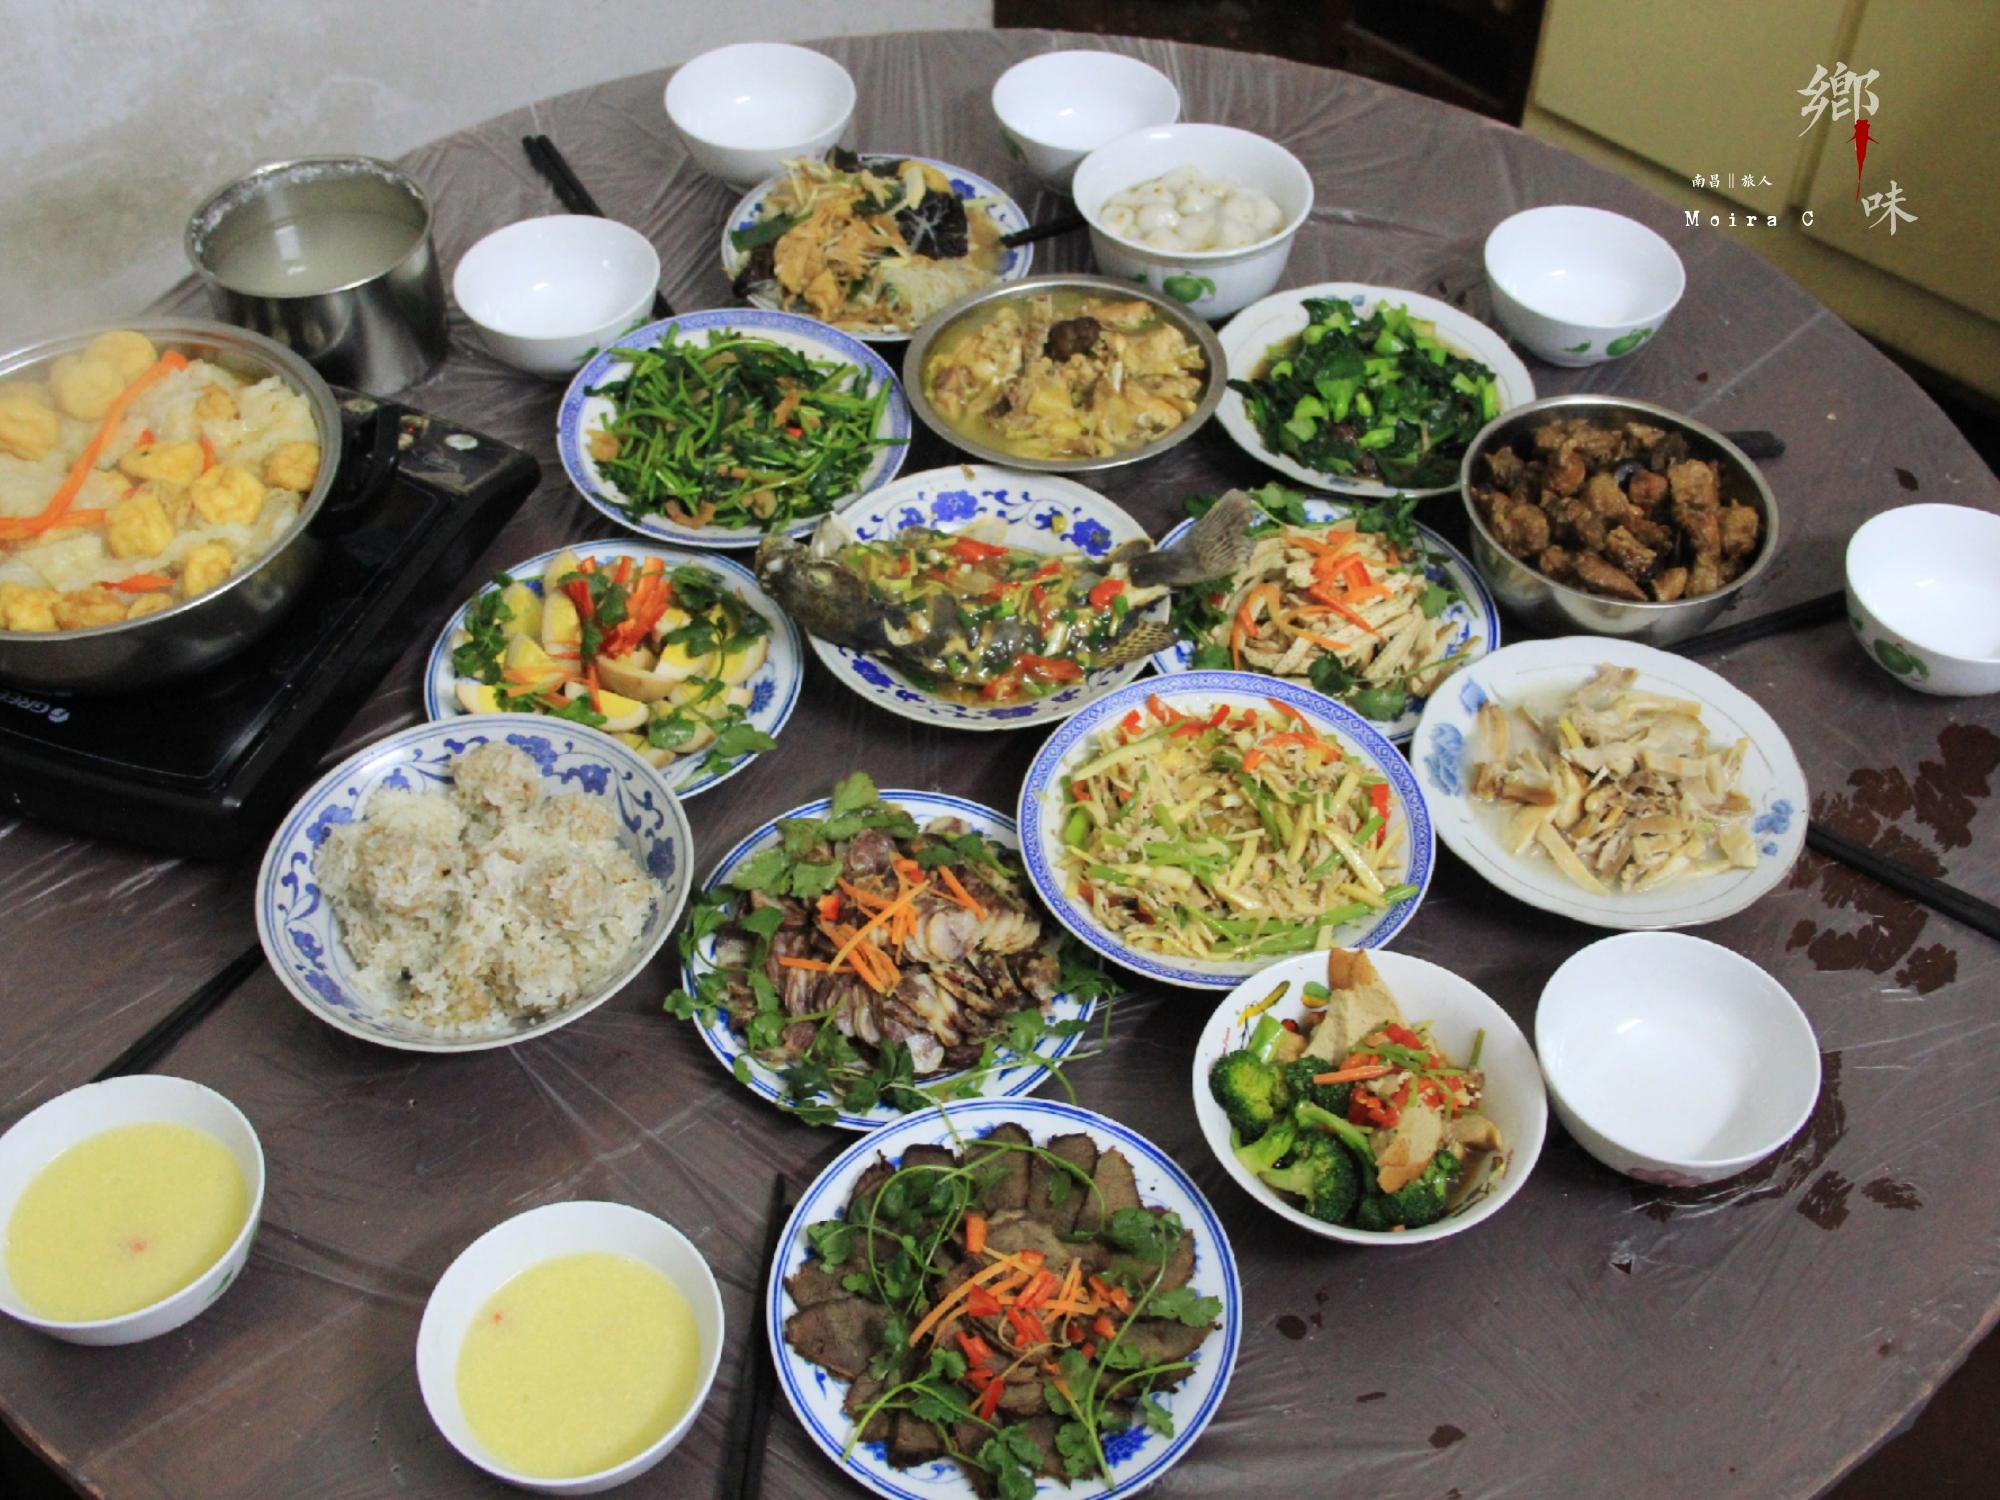 南昌有哪些特色美食,南昌美食推荐,南昌美食攻略